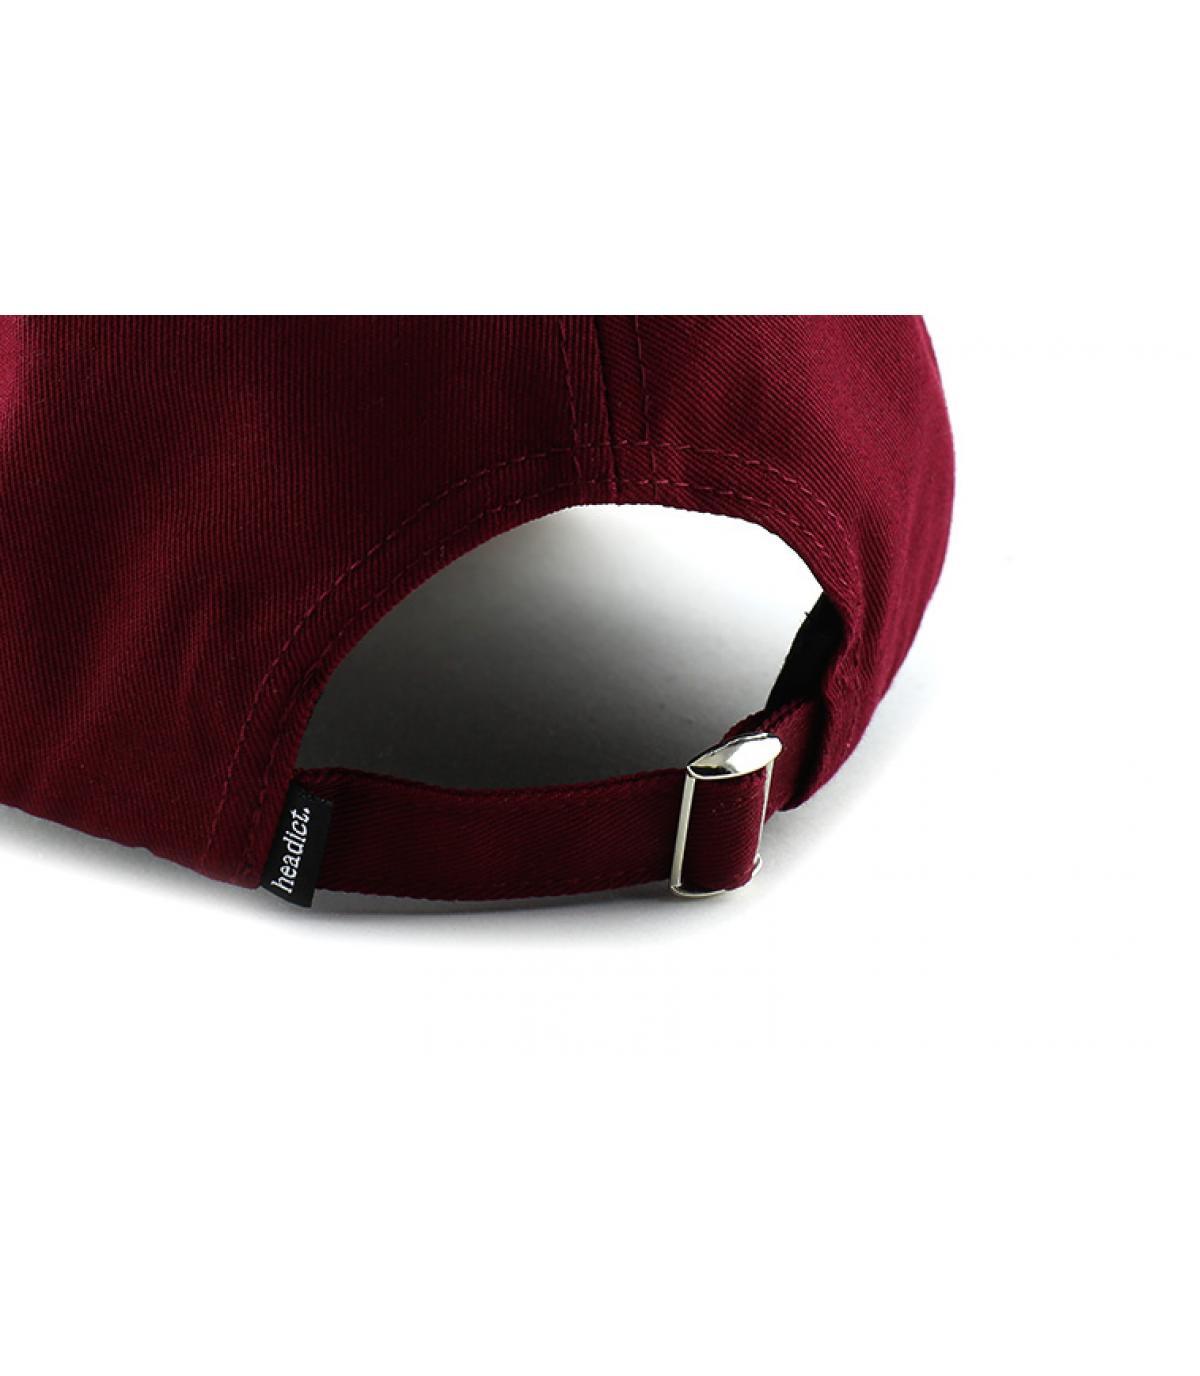 Détails Curve Pillow Line burgundy brown - image 5